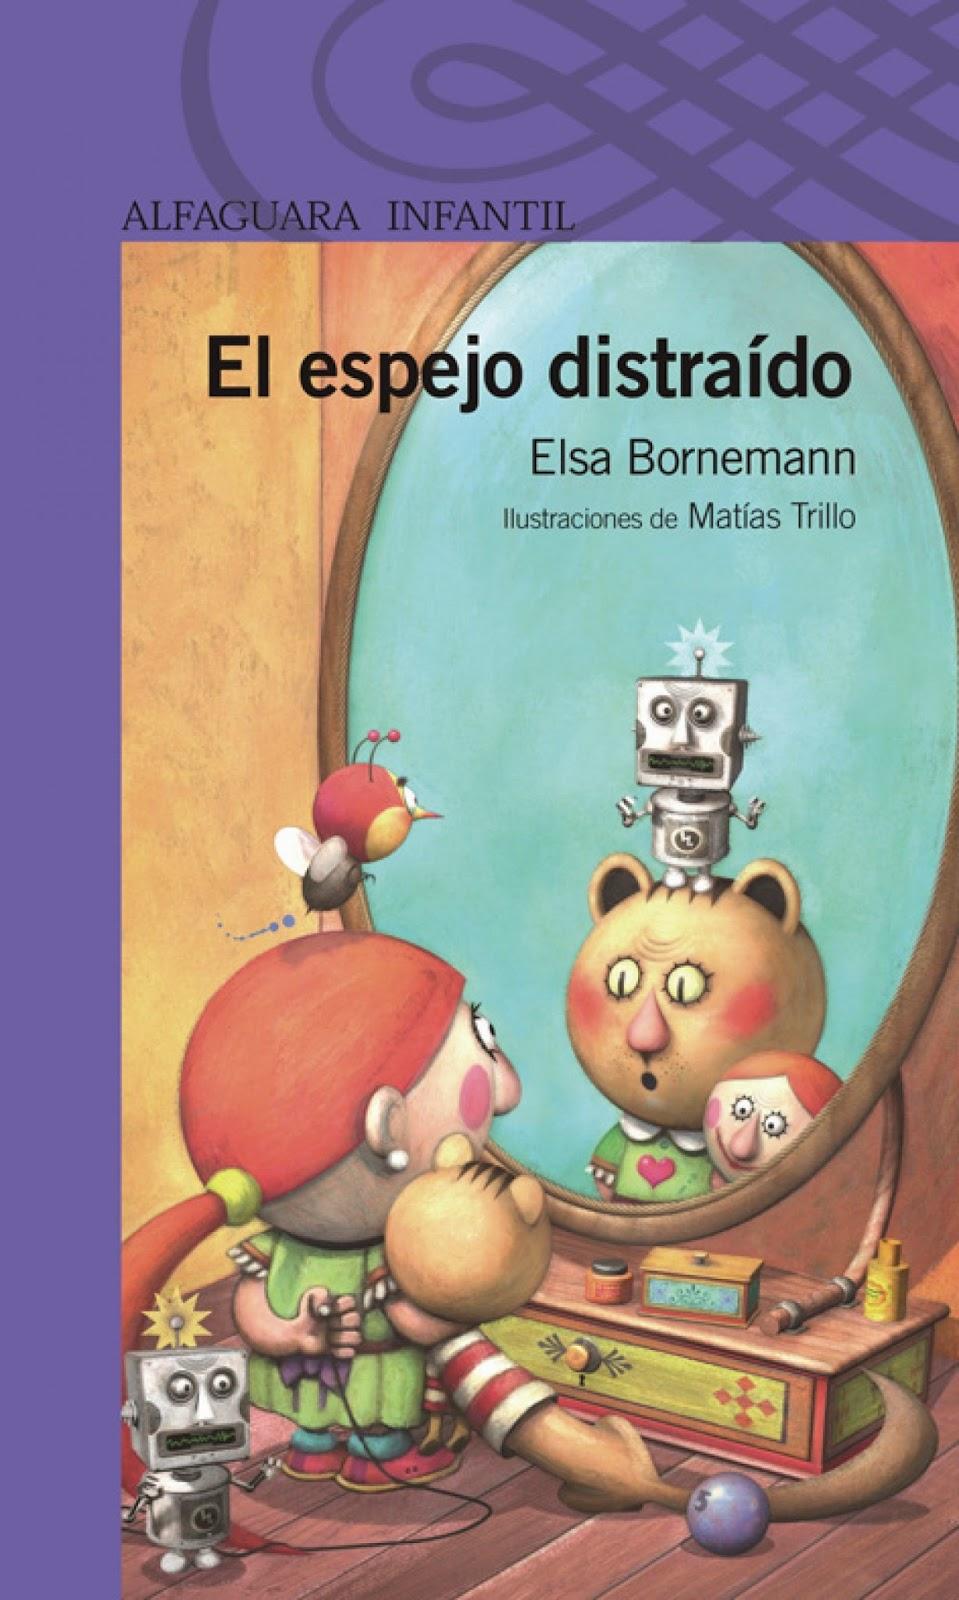 En mundo primaria nos encantan. Los Mundos de Laura: Elsa Bornemann y la literatura infantil.